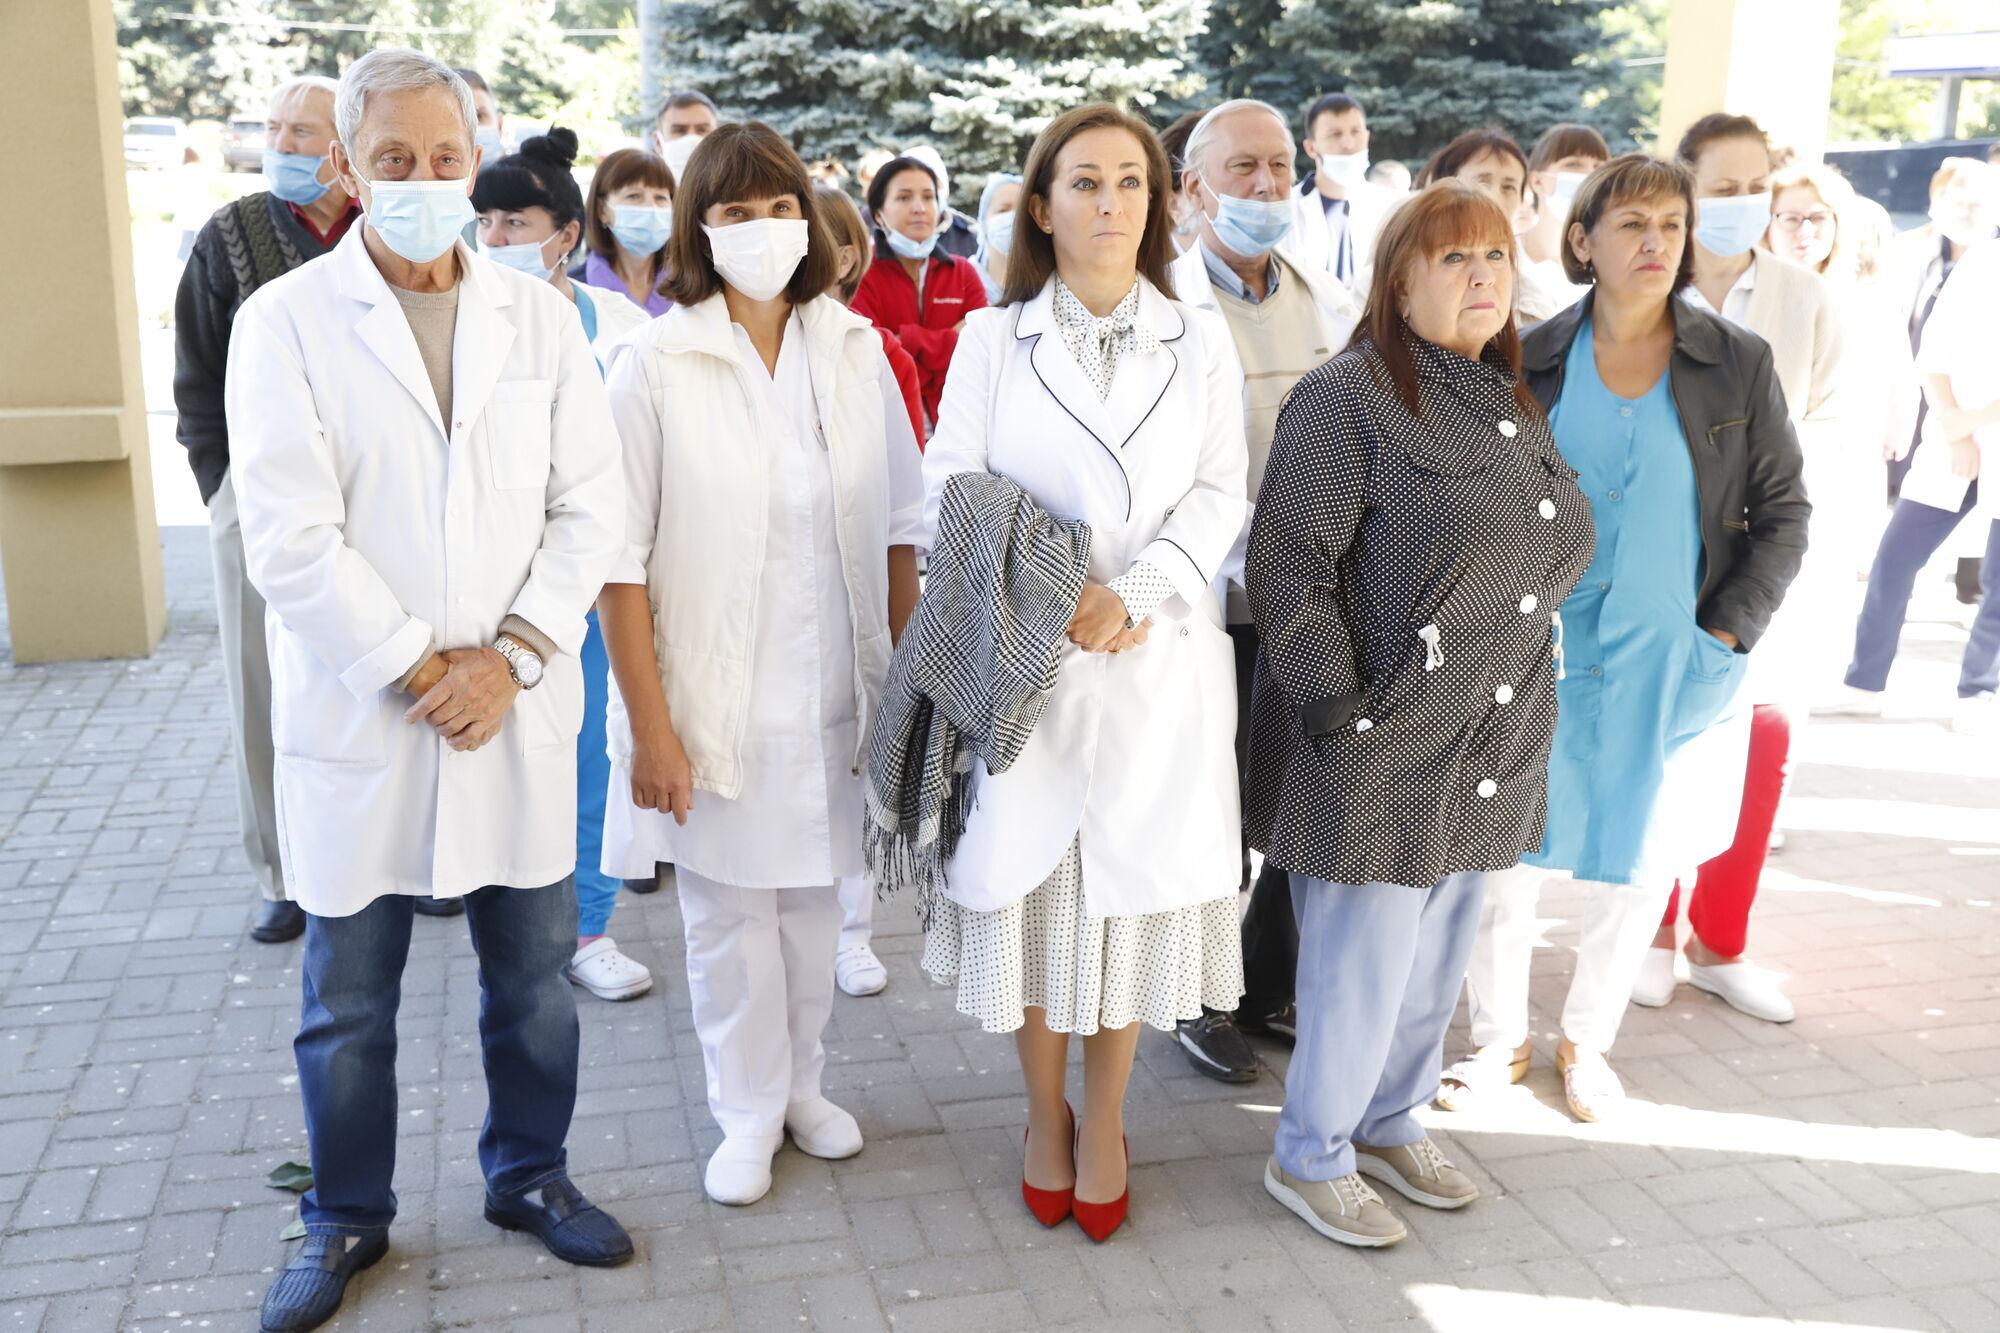 На открытие мемориальной доски врачу пришли друзья, коллеги и пациенты, которым он помог